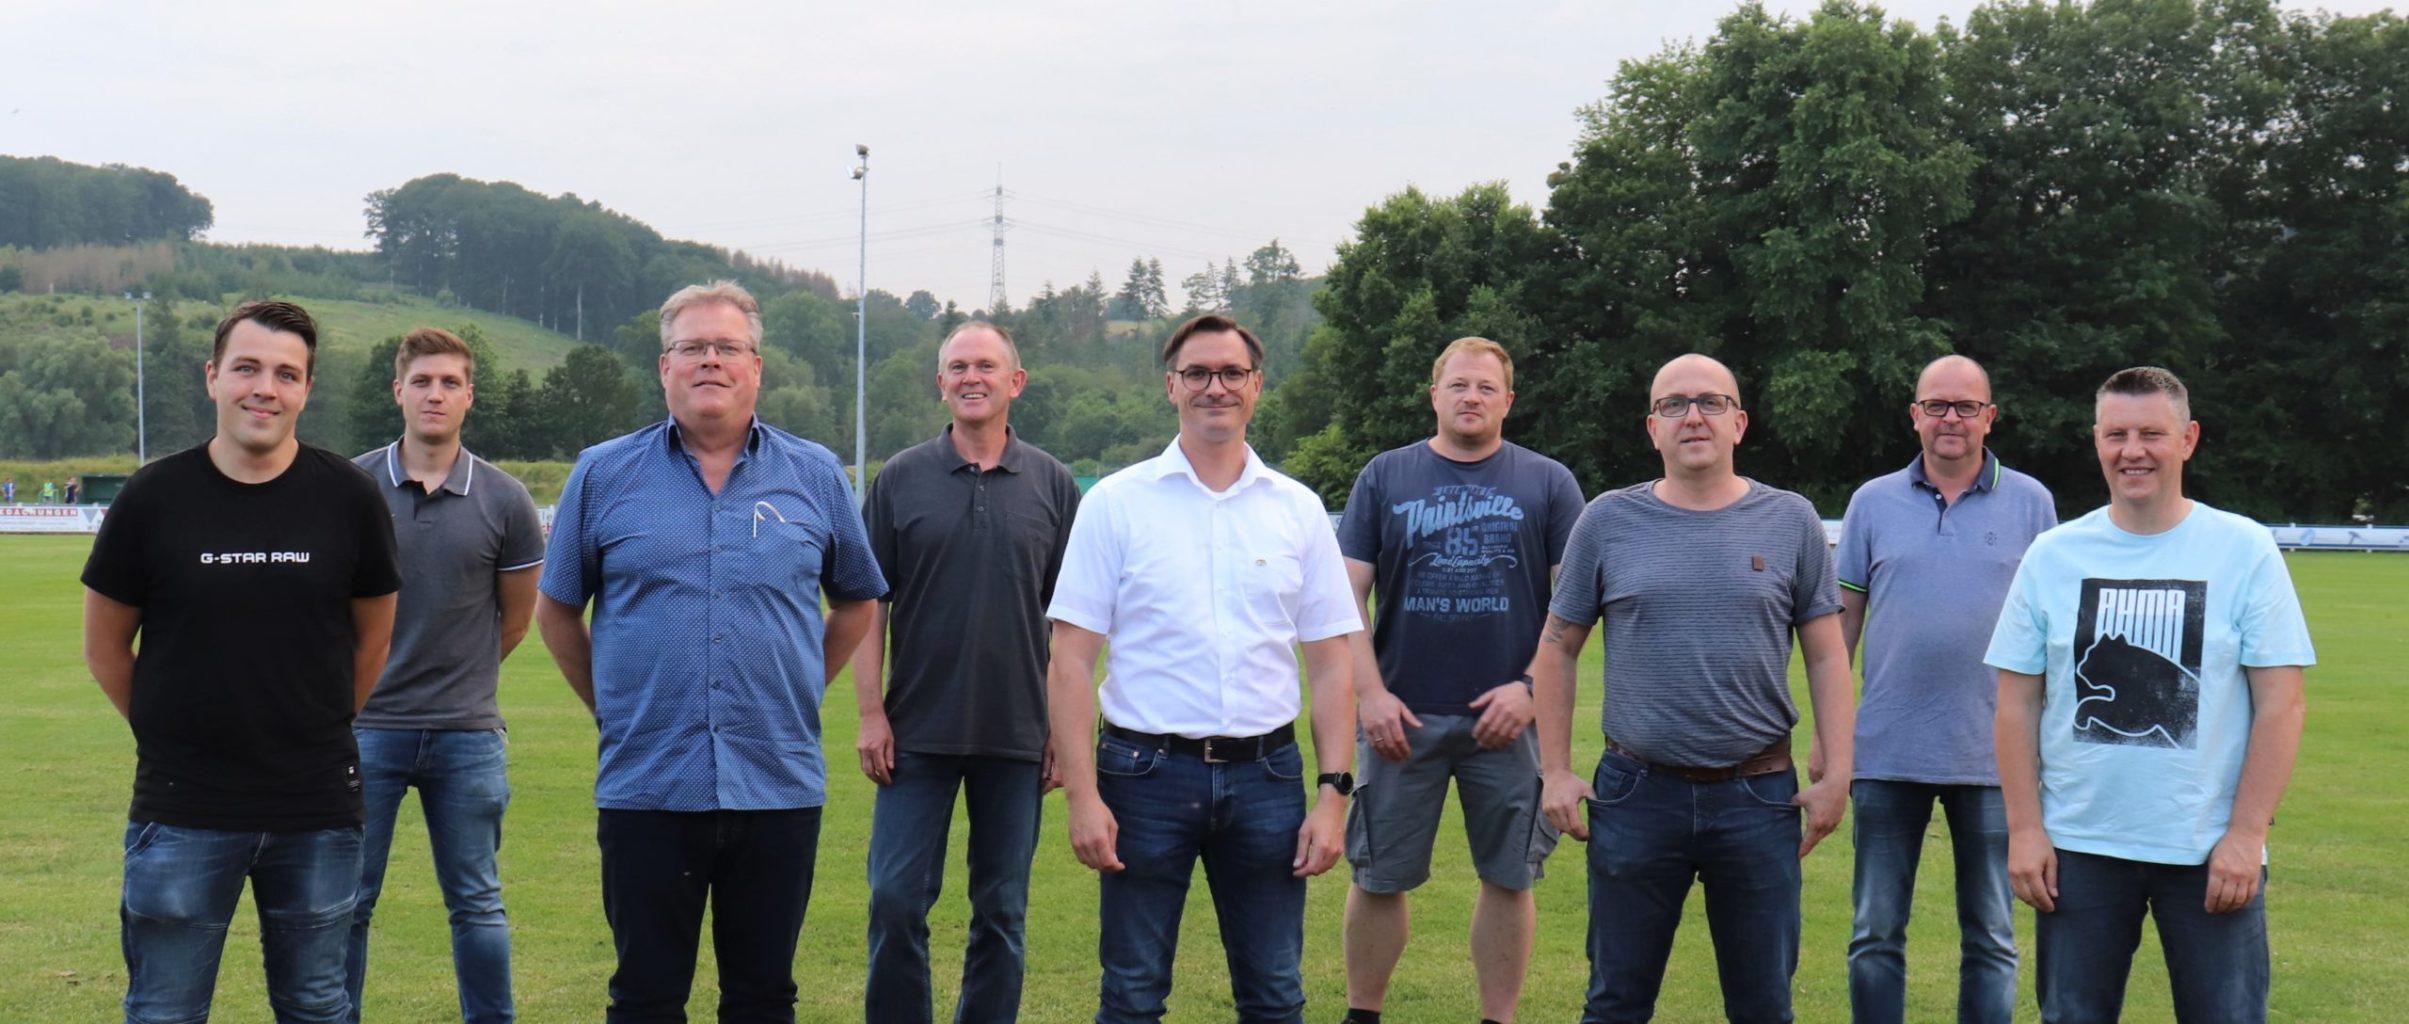 Digitalisierung des Fußball Club Ense 2010 e.V. und der Vereinsorganisation